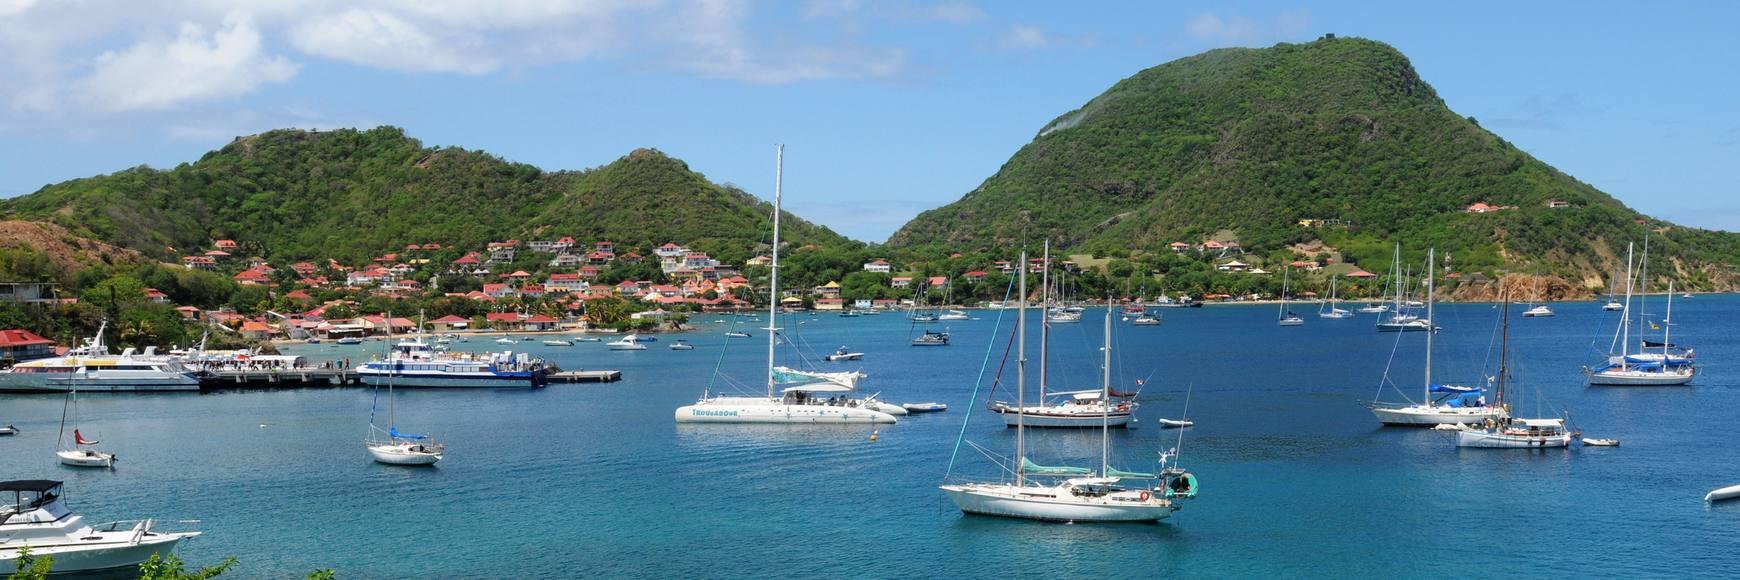 Faire une excursion en bateau en Guadeloupe